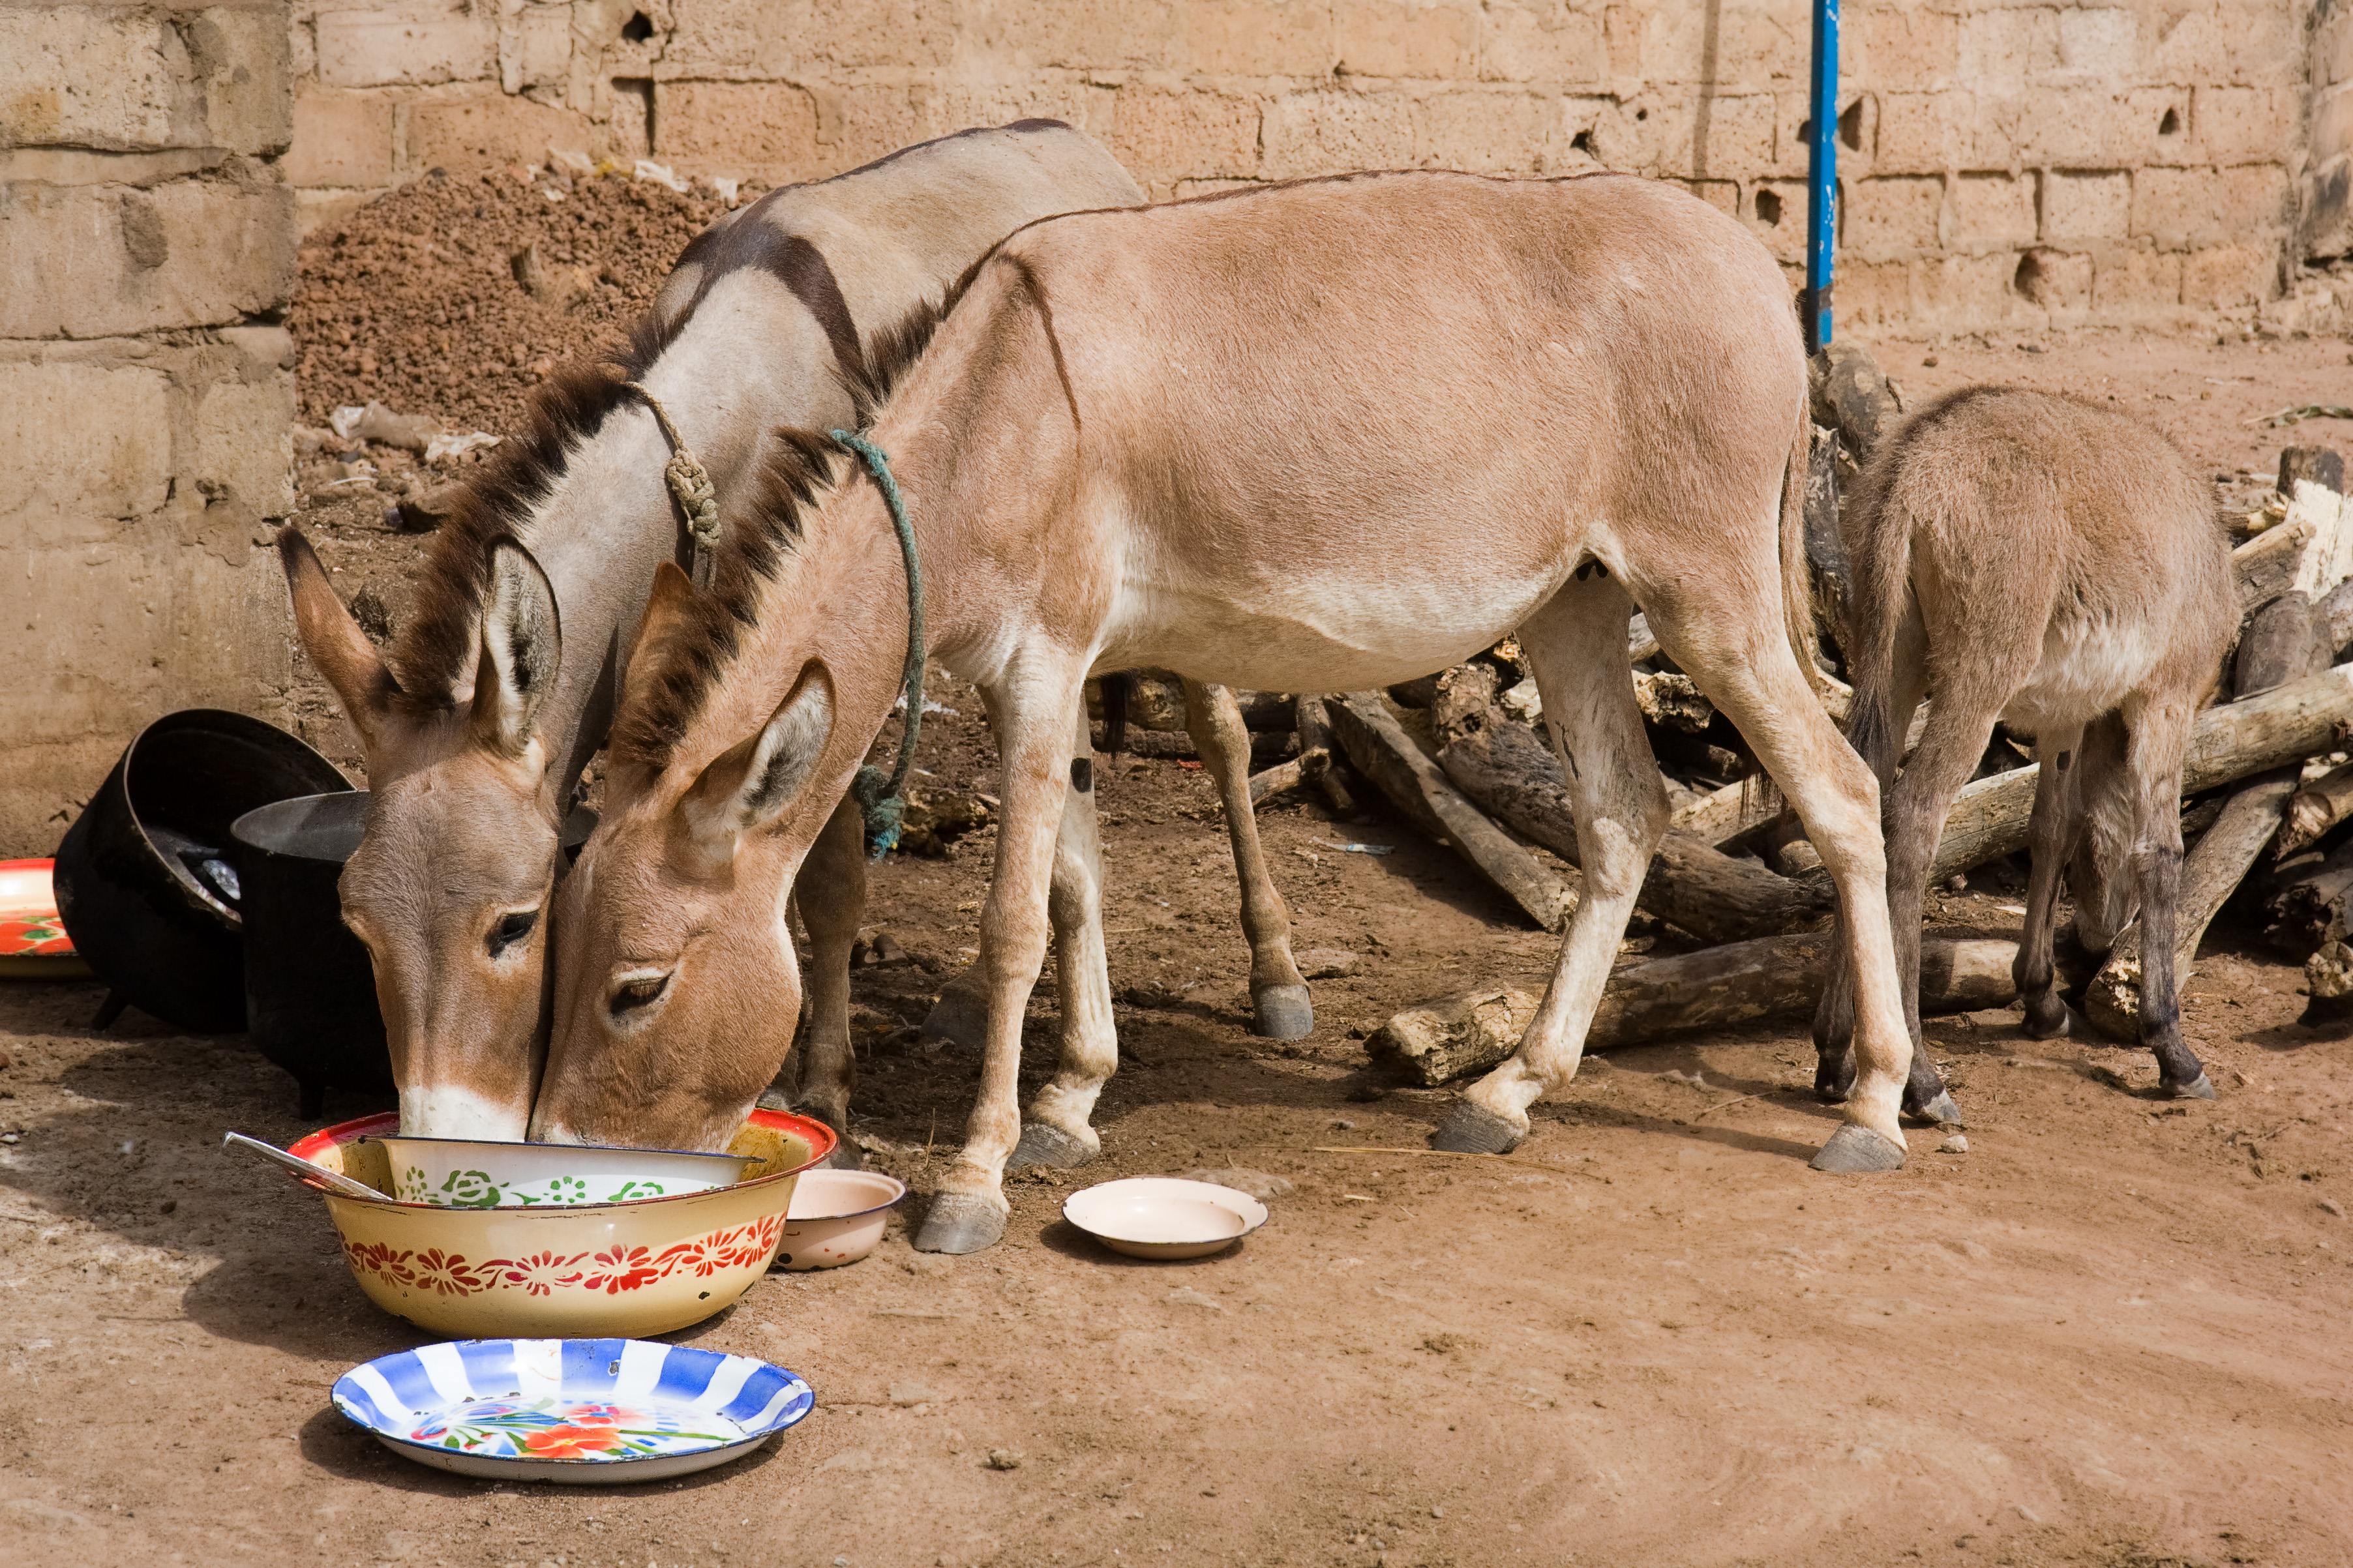 Nubische Wilde Ezel Wikipedia